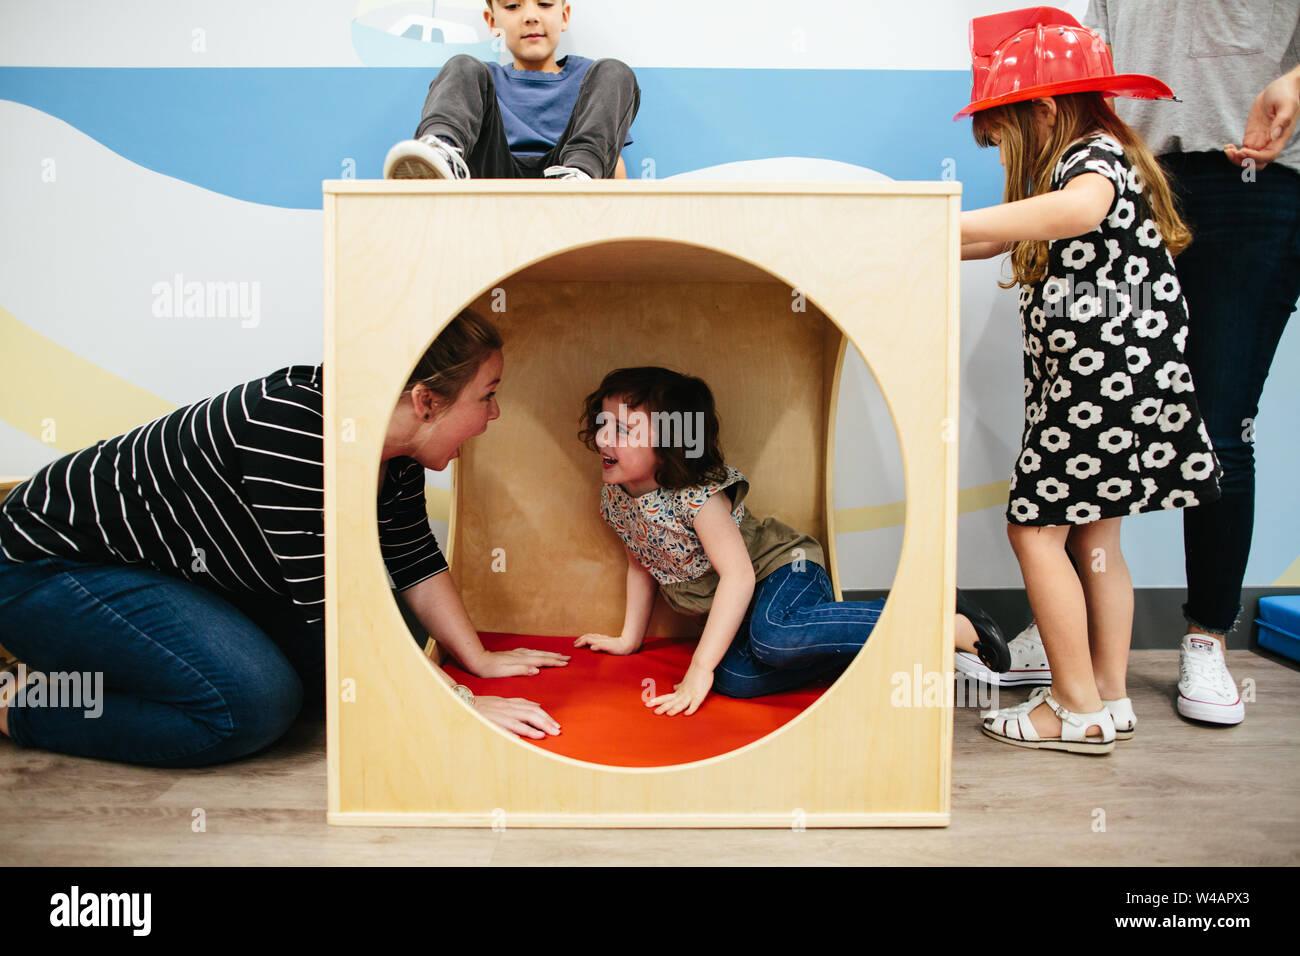 Mädchen in einem Cube spielen Struktur lächelt sie an Lehrer Stockfoto